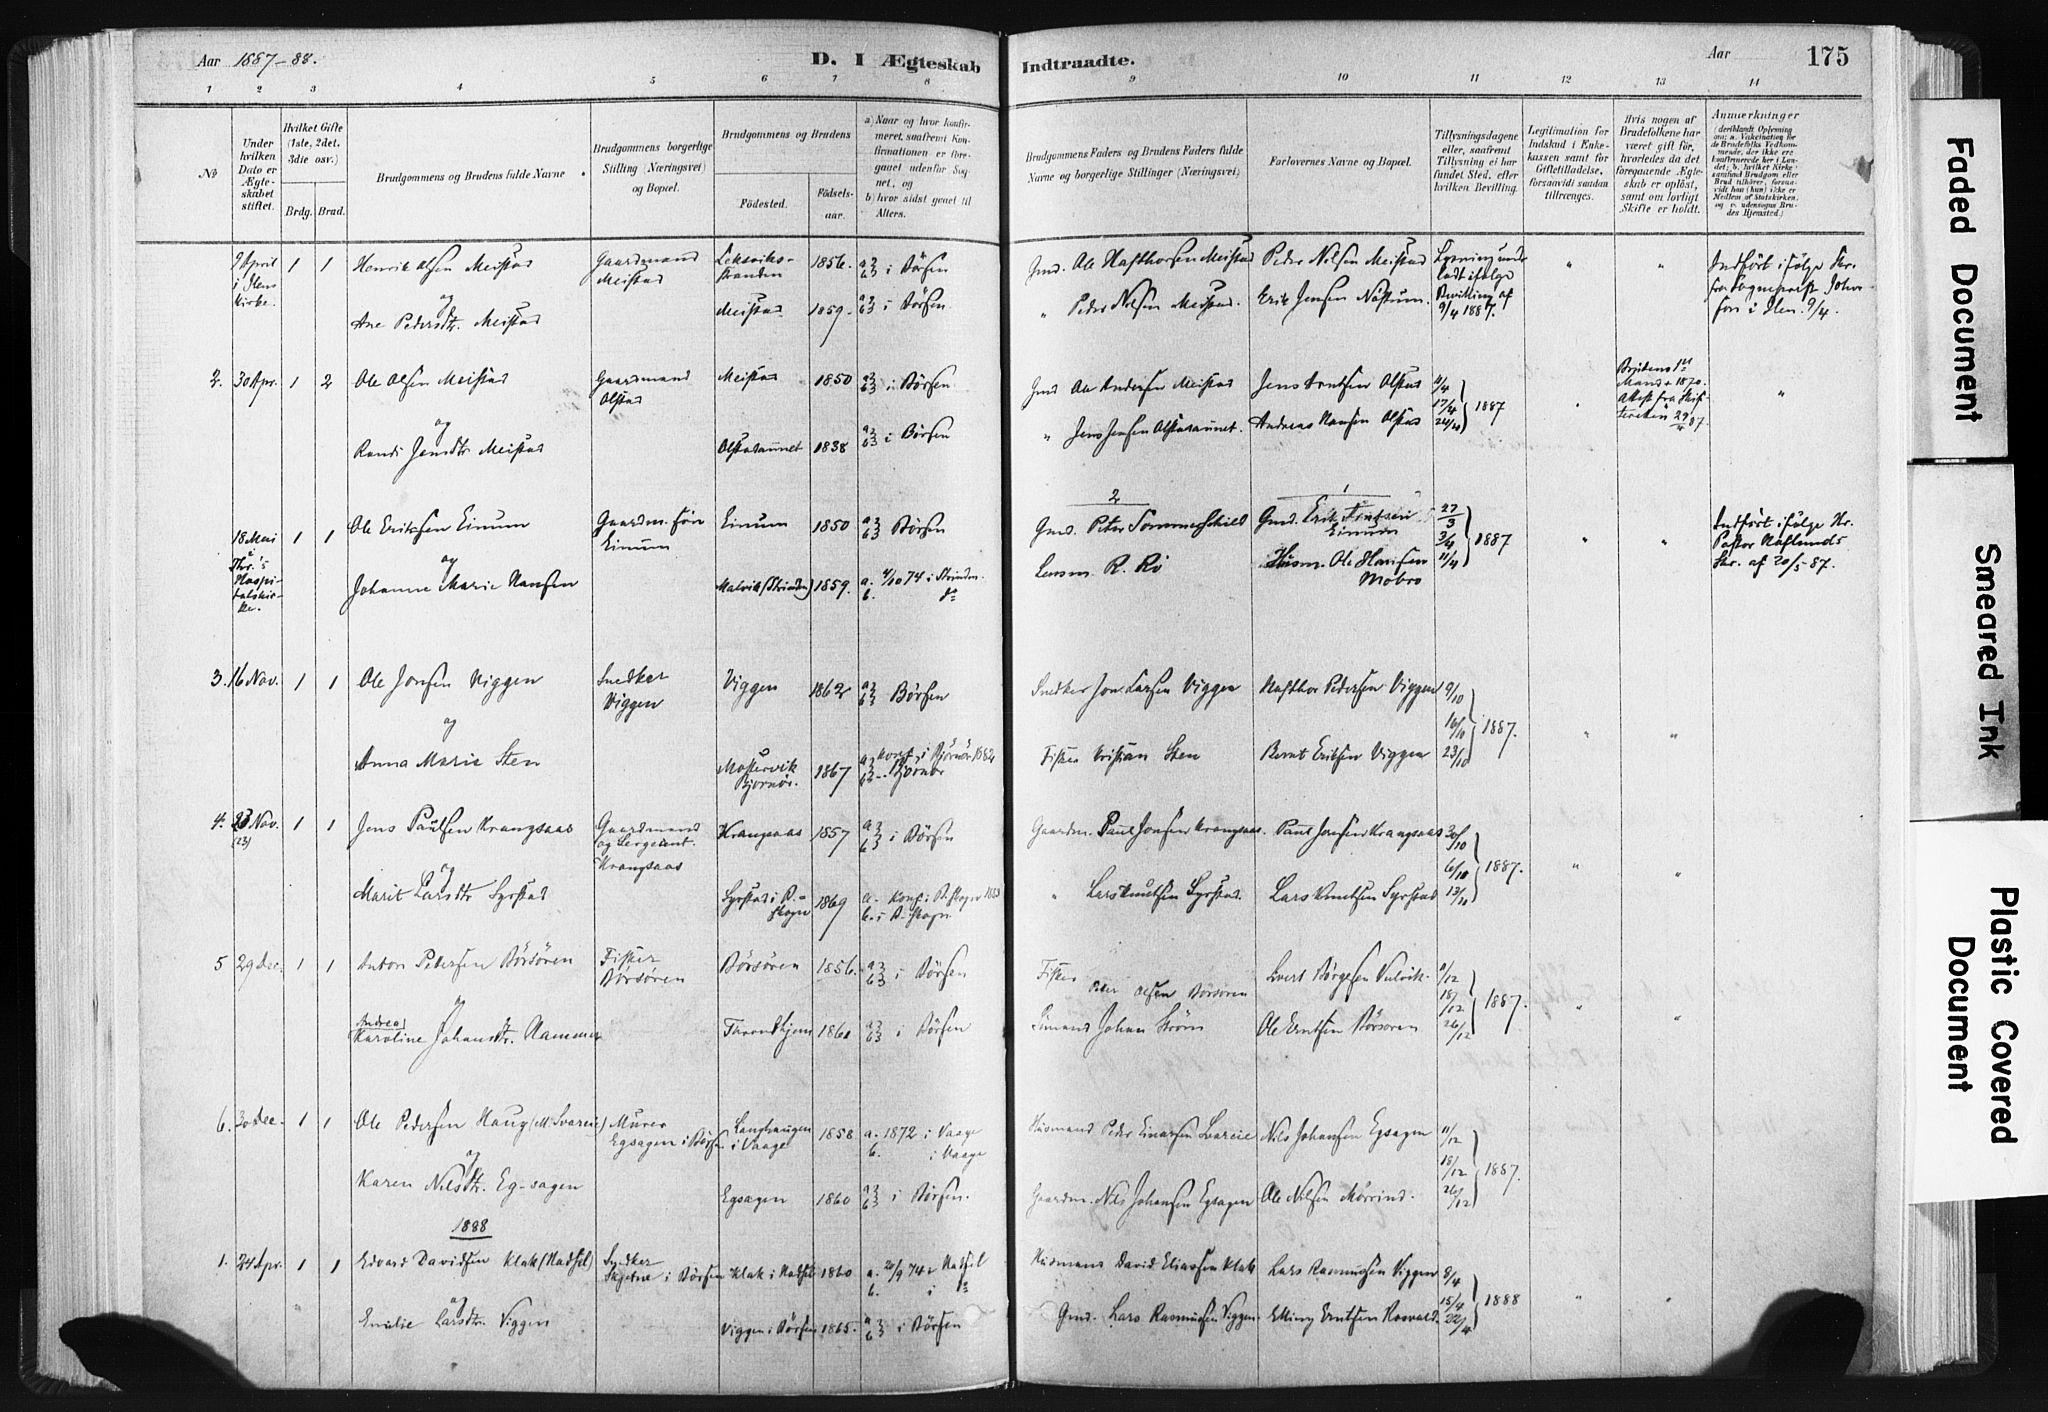 SAT, Ministerialprotokoller, klokkerbøker og fødselsregistre - Sør-Trøndelag, 665/L0773: Ministerialbok nr. 665A08, 1879-1905, s. 175